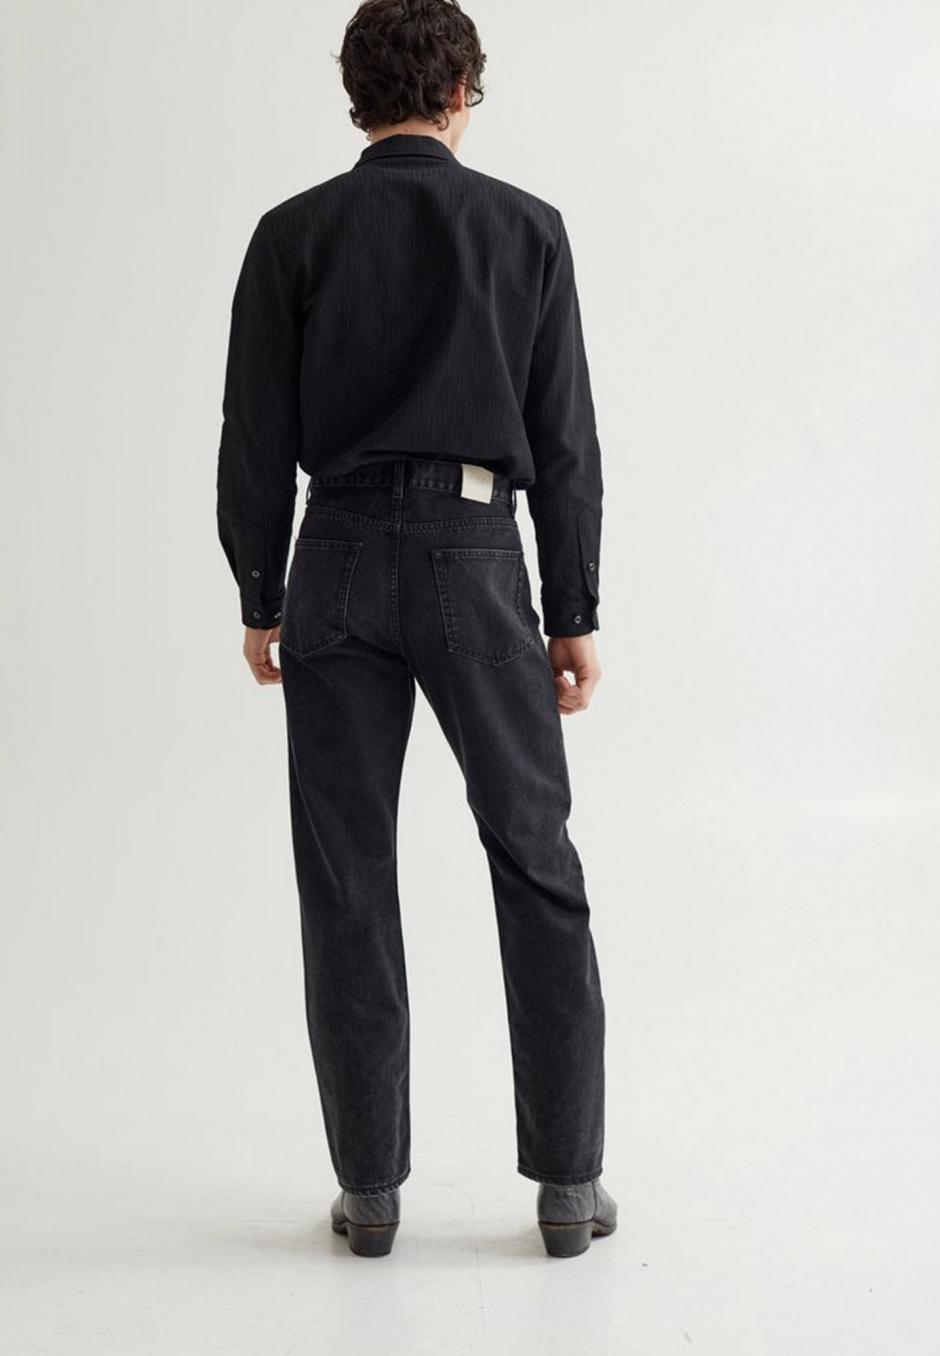 Séfr Straight cut rinsed black